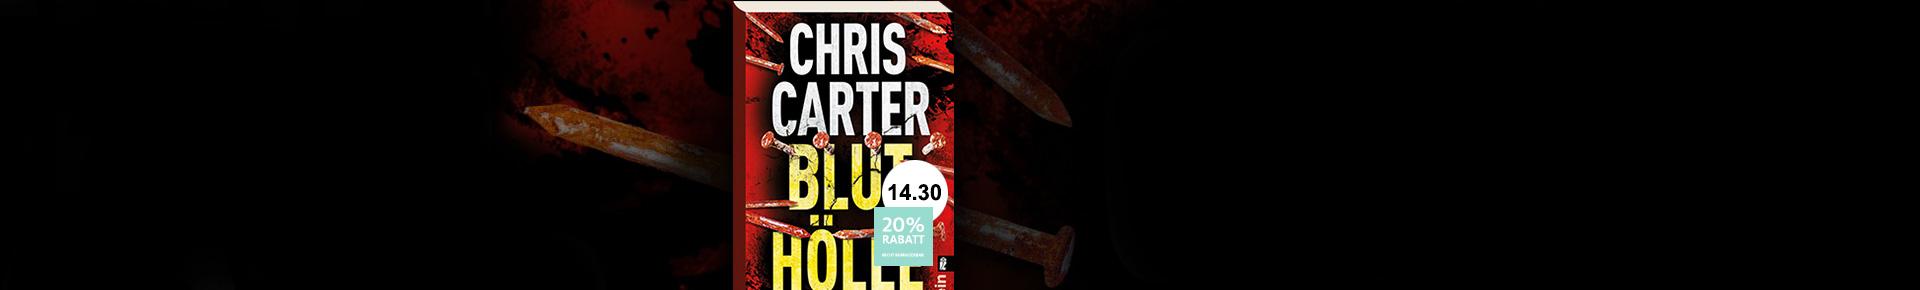 Bluthölle von Chris Carter jetzt bestellen